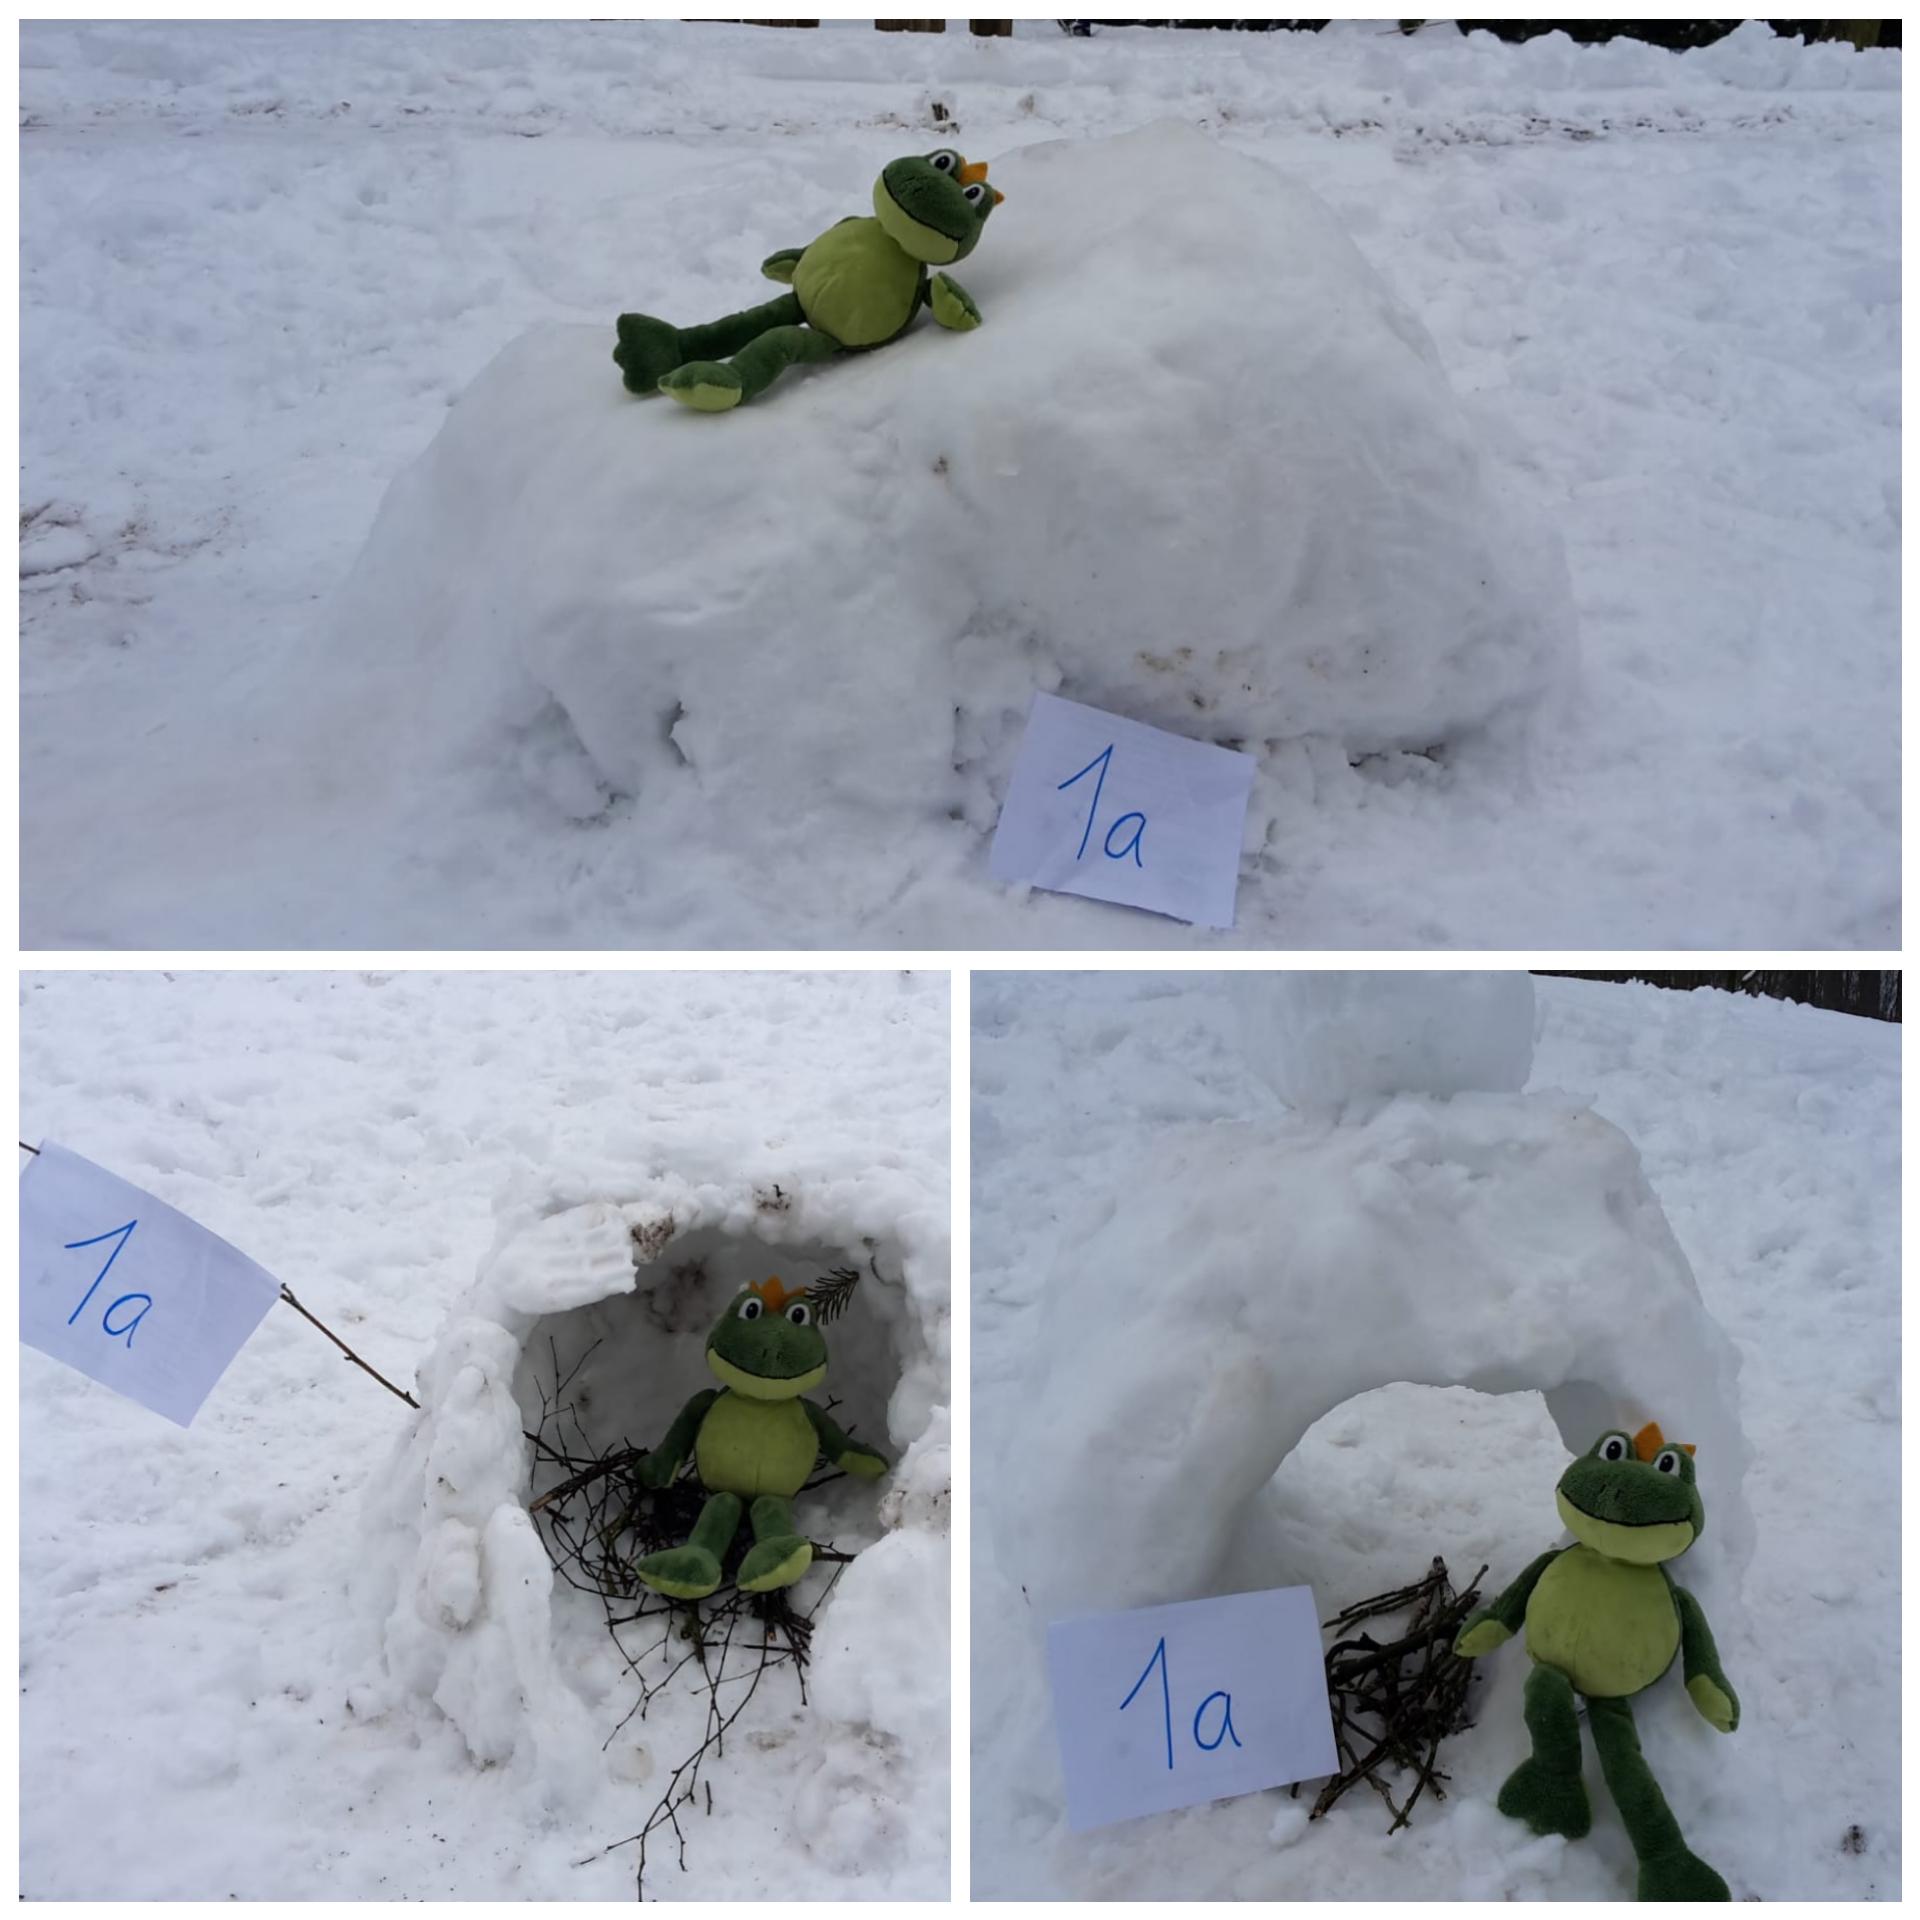 Schneefiguren_1a